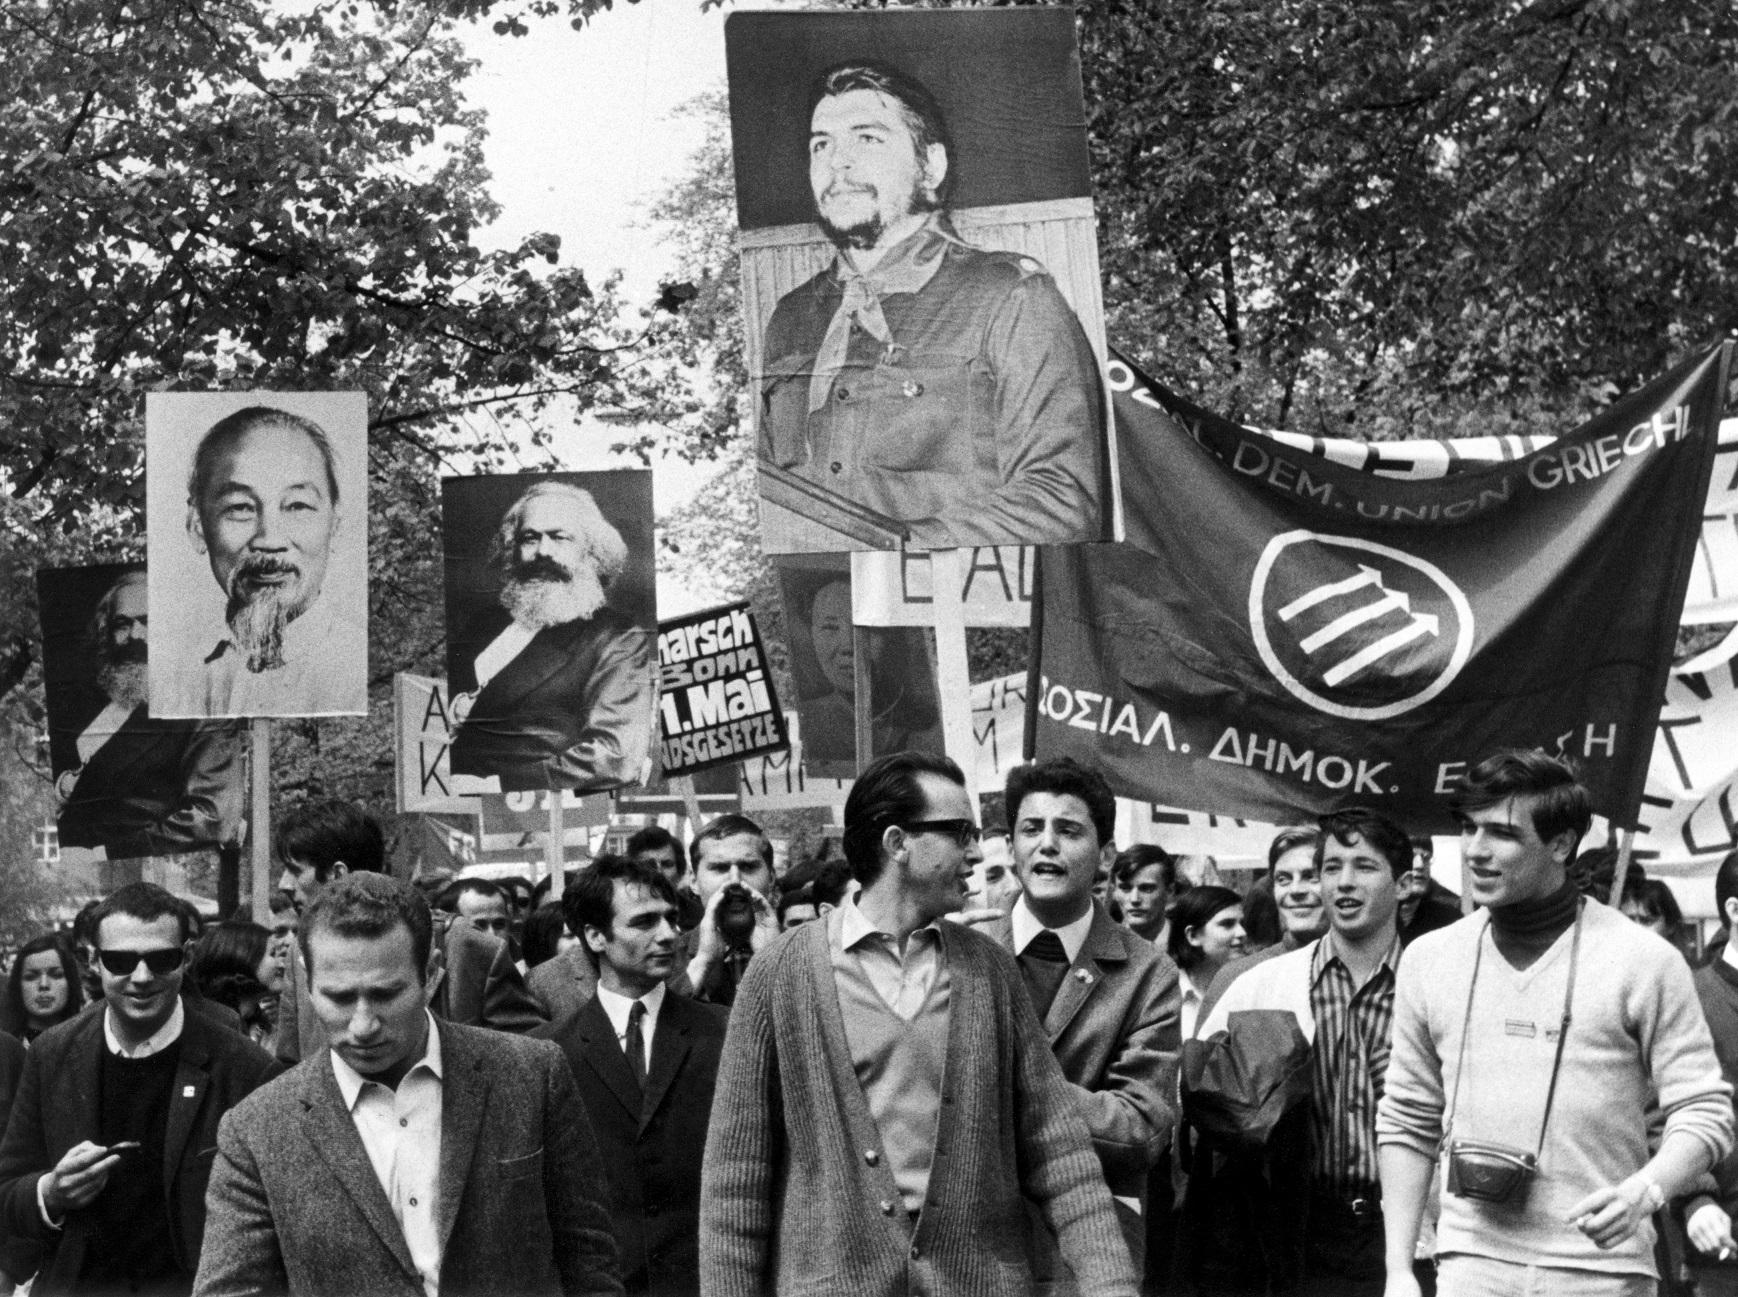 Studenten ziehen 1968 mit Bildern von Ho Tschi Minh, Karl Marx und Che Guevara durch Münchens Straßen.